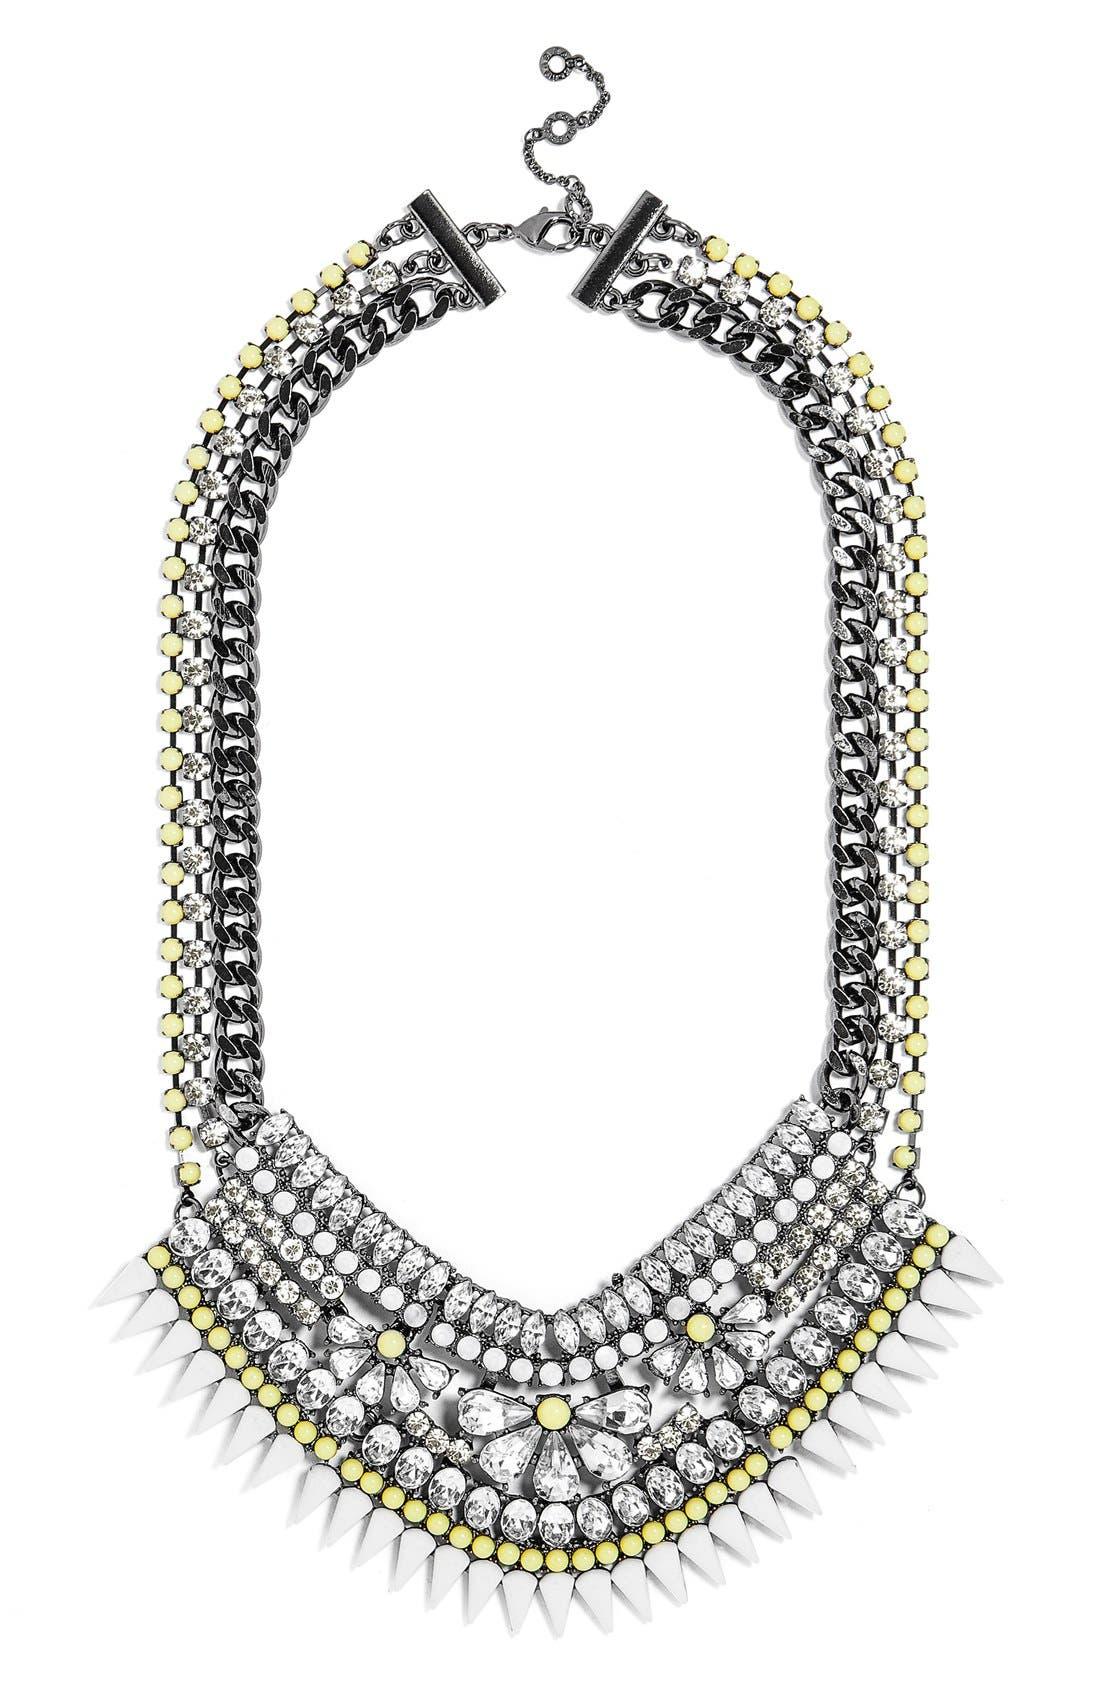 Alternate Image 1 Selected - BaubleBar 'Spike Hover' Bib Necklace